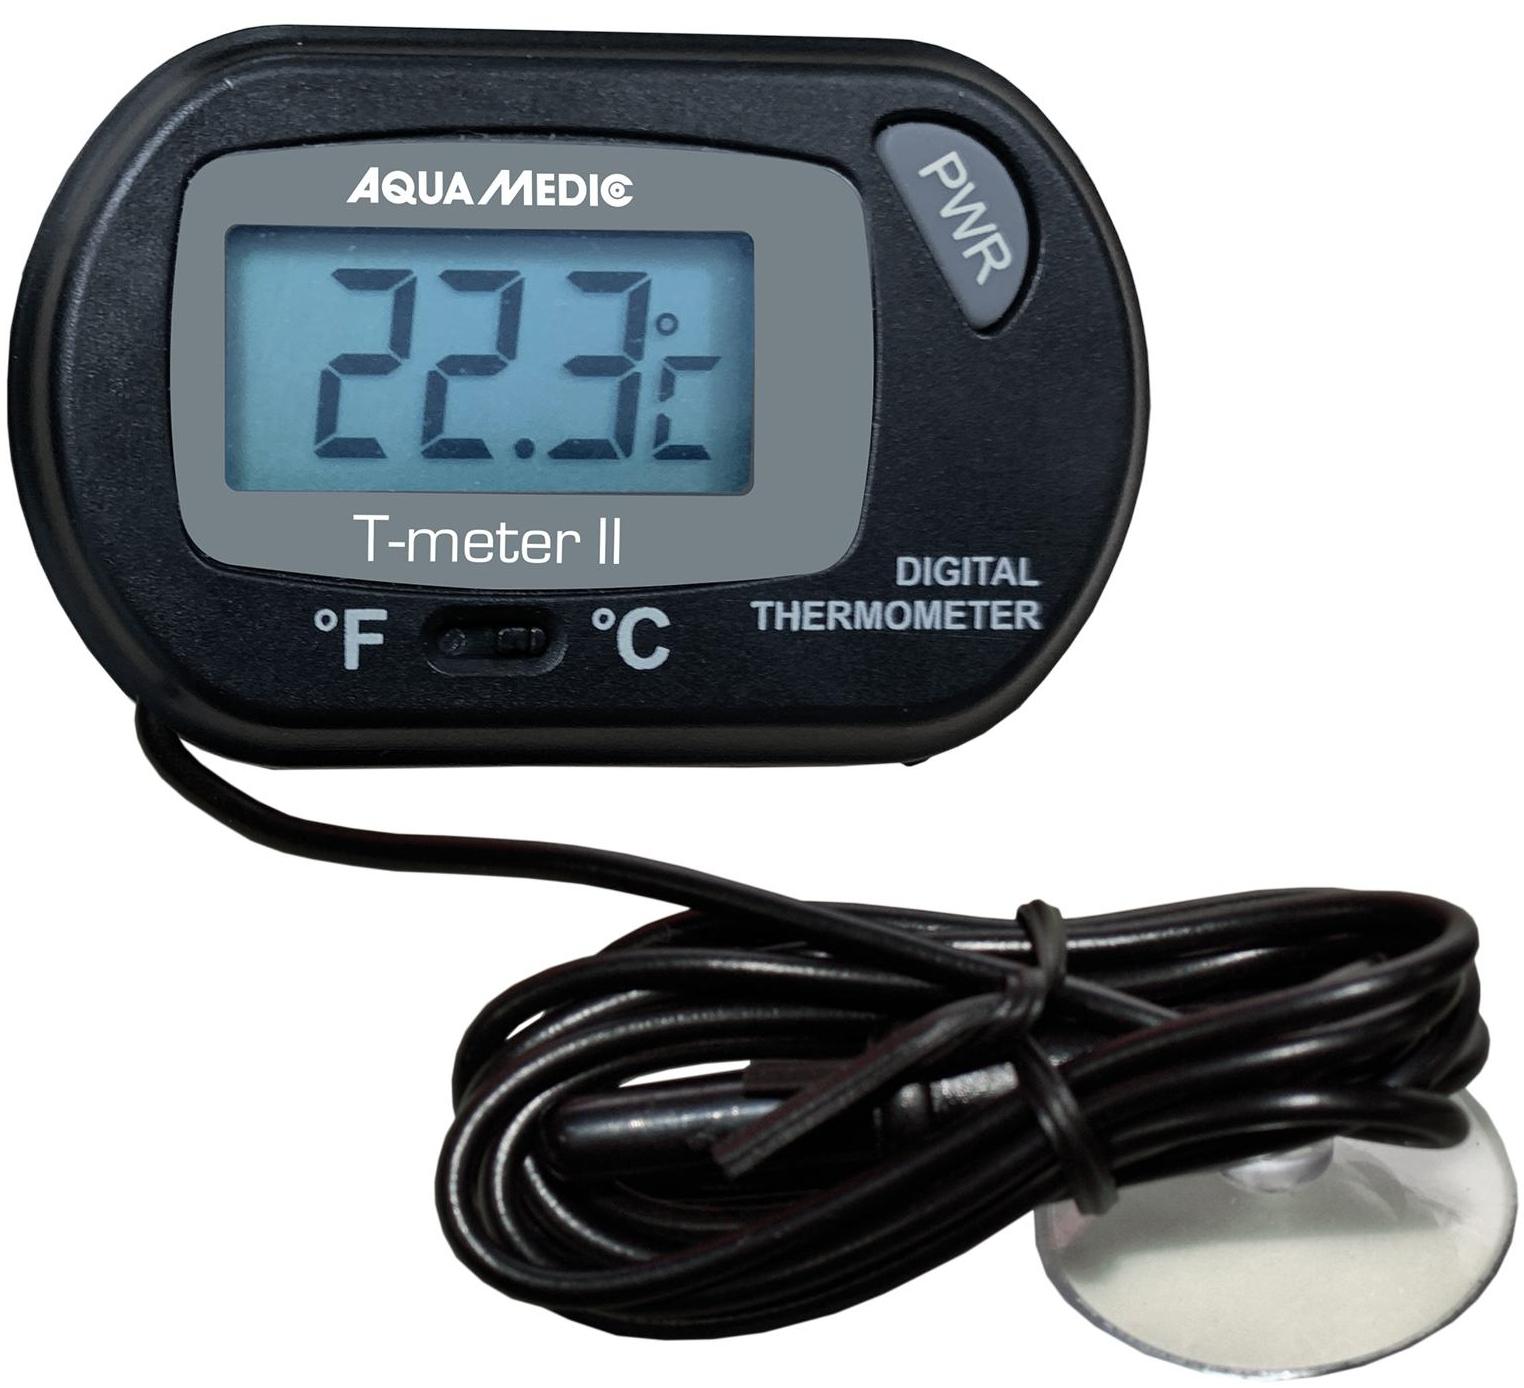 Shop Aqua Medic T-meter